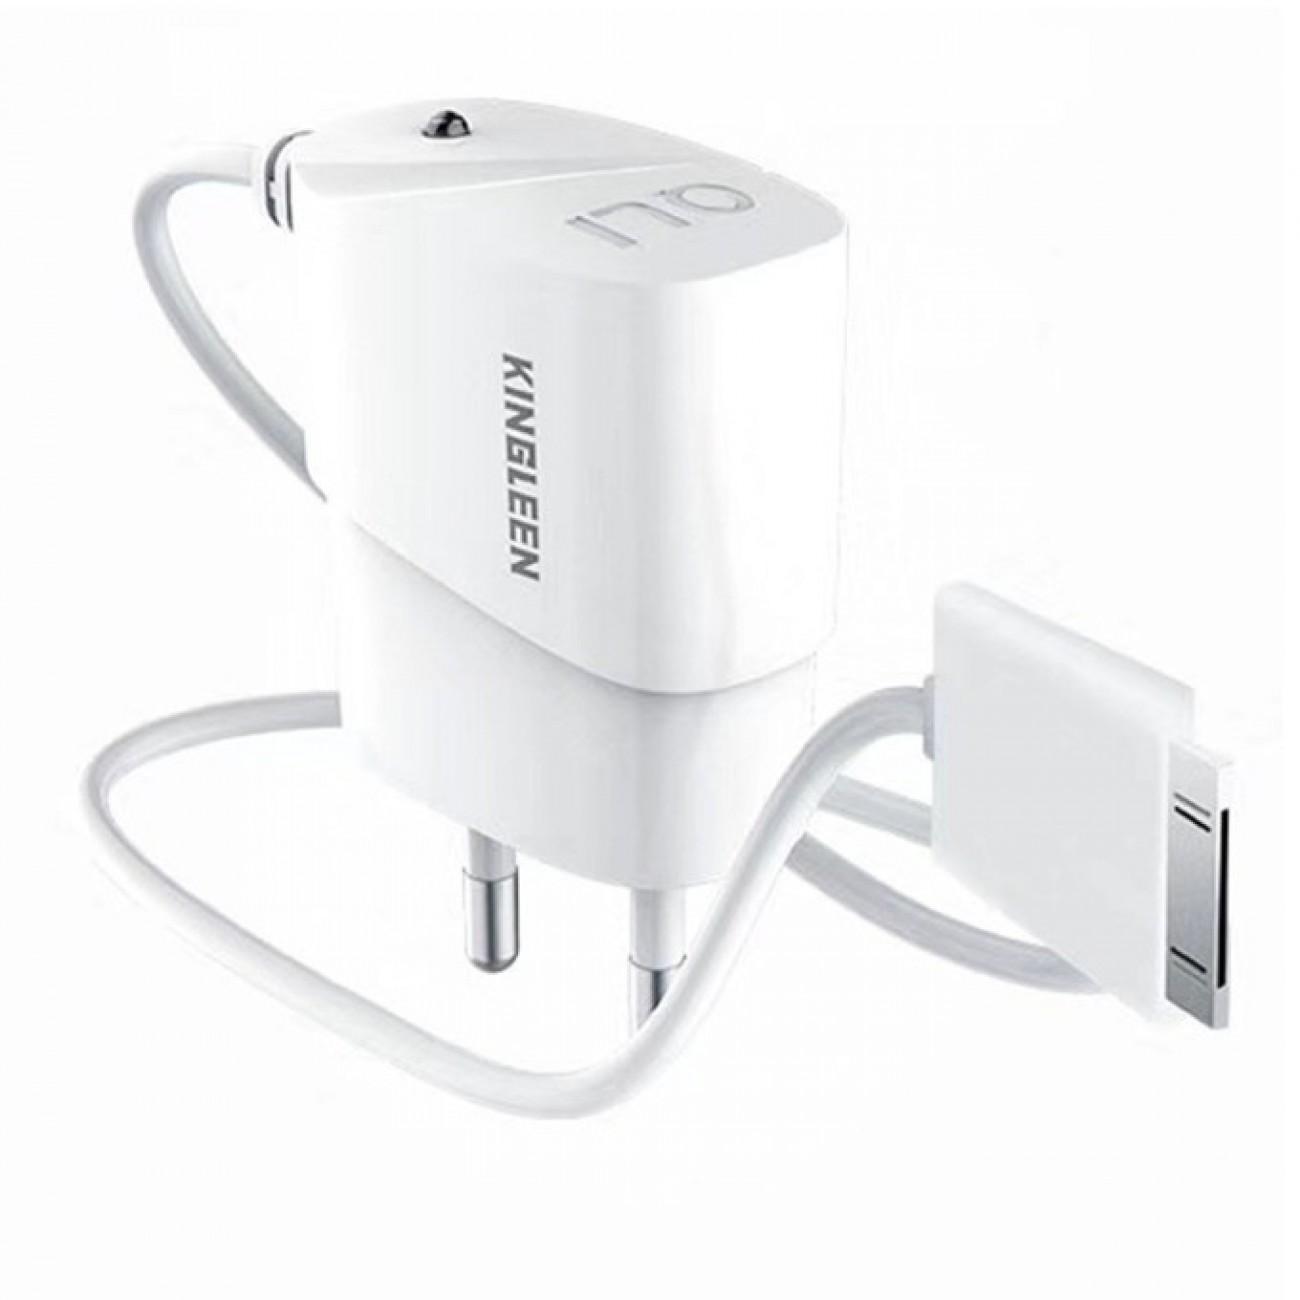 Зарядно устройство Kingleen C816 за iPhone 4 , от контакт към 30-Pin Lightning (м), 5V, 1.0A, бяло в Зарядни устройства за батерии - Kingleen | Alleop